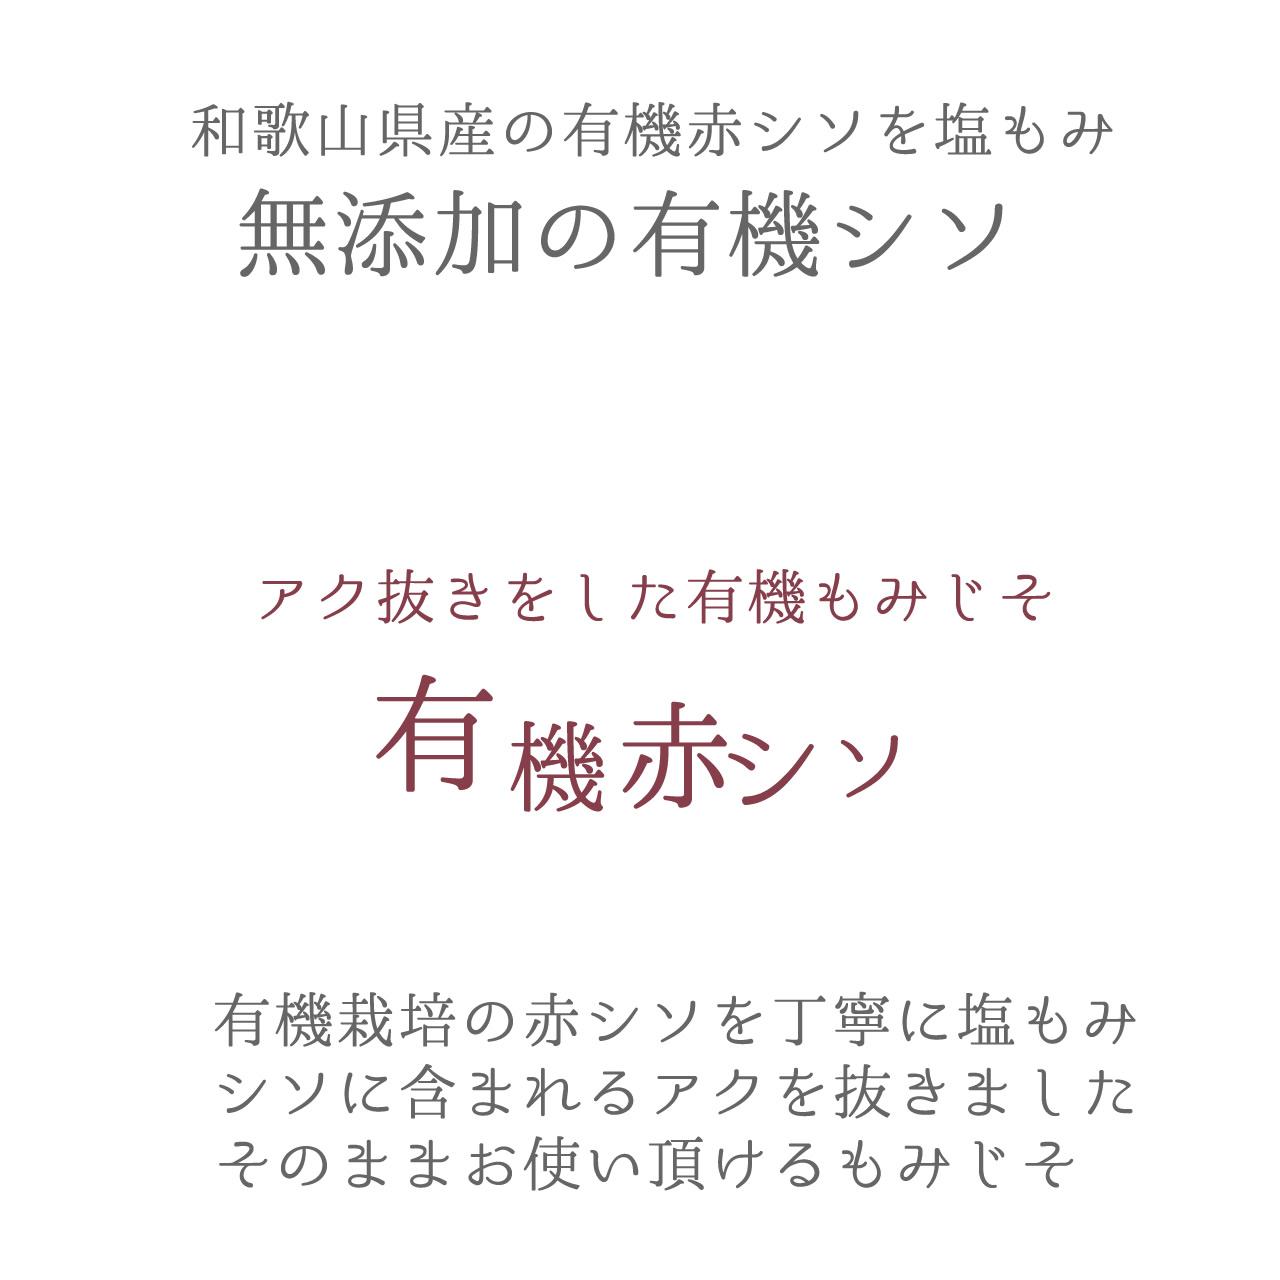 和歌山県産の有機赤シソを塩もみして作った無添加の有機赤シソ